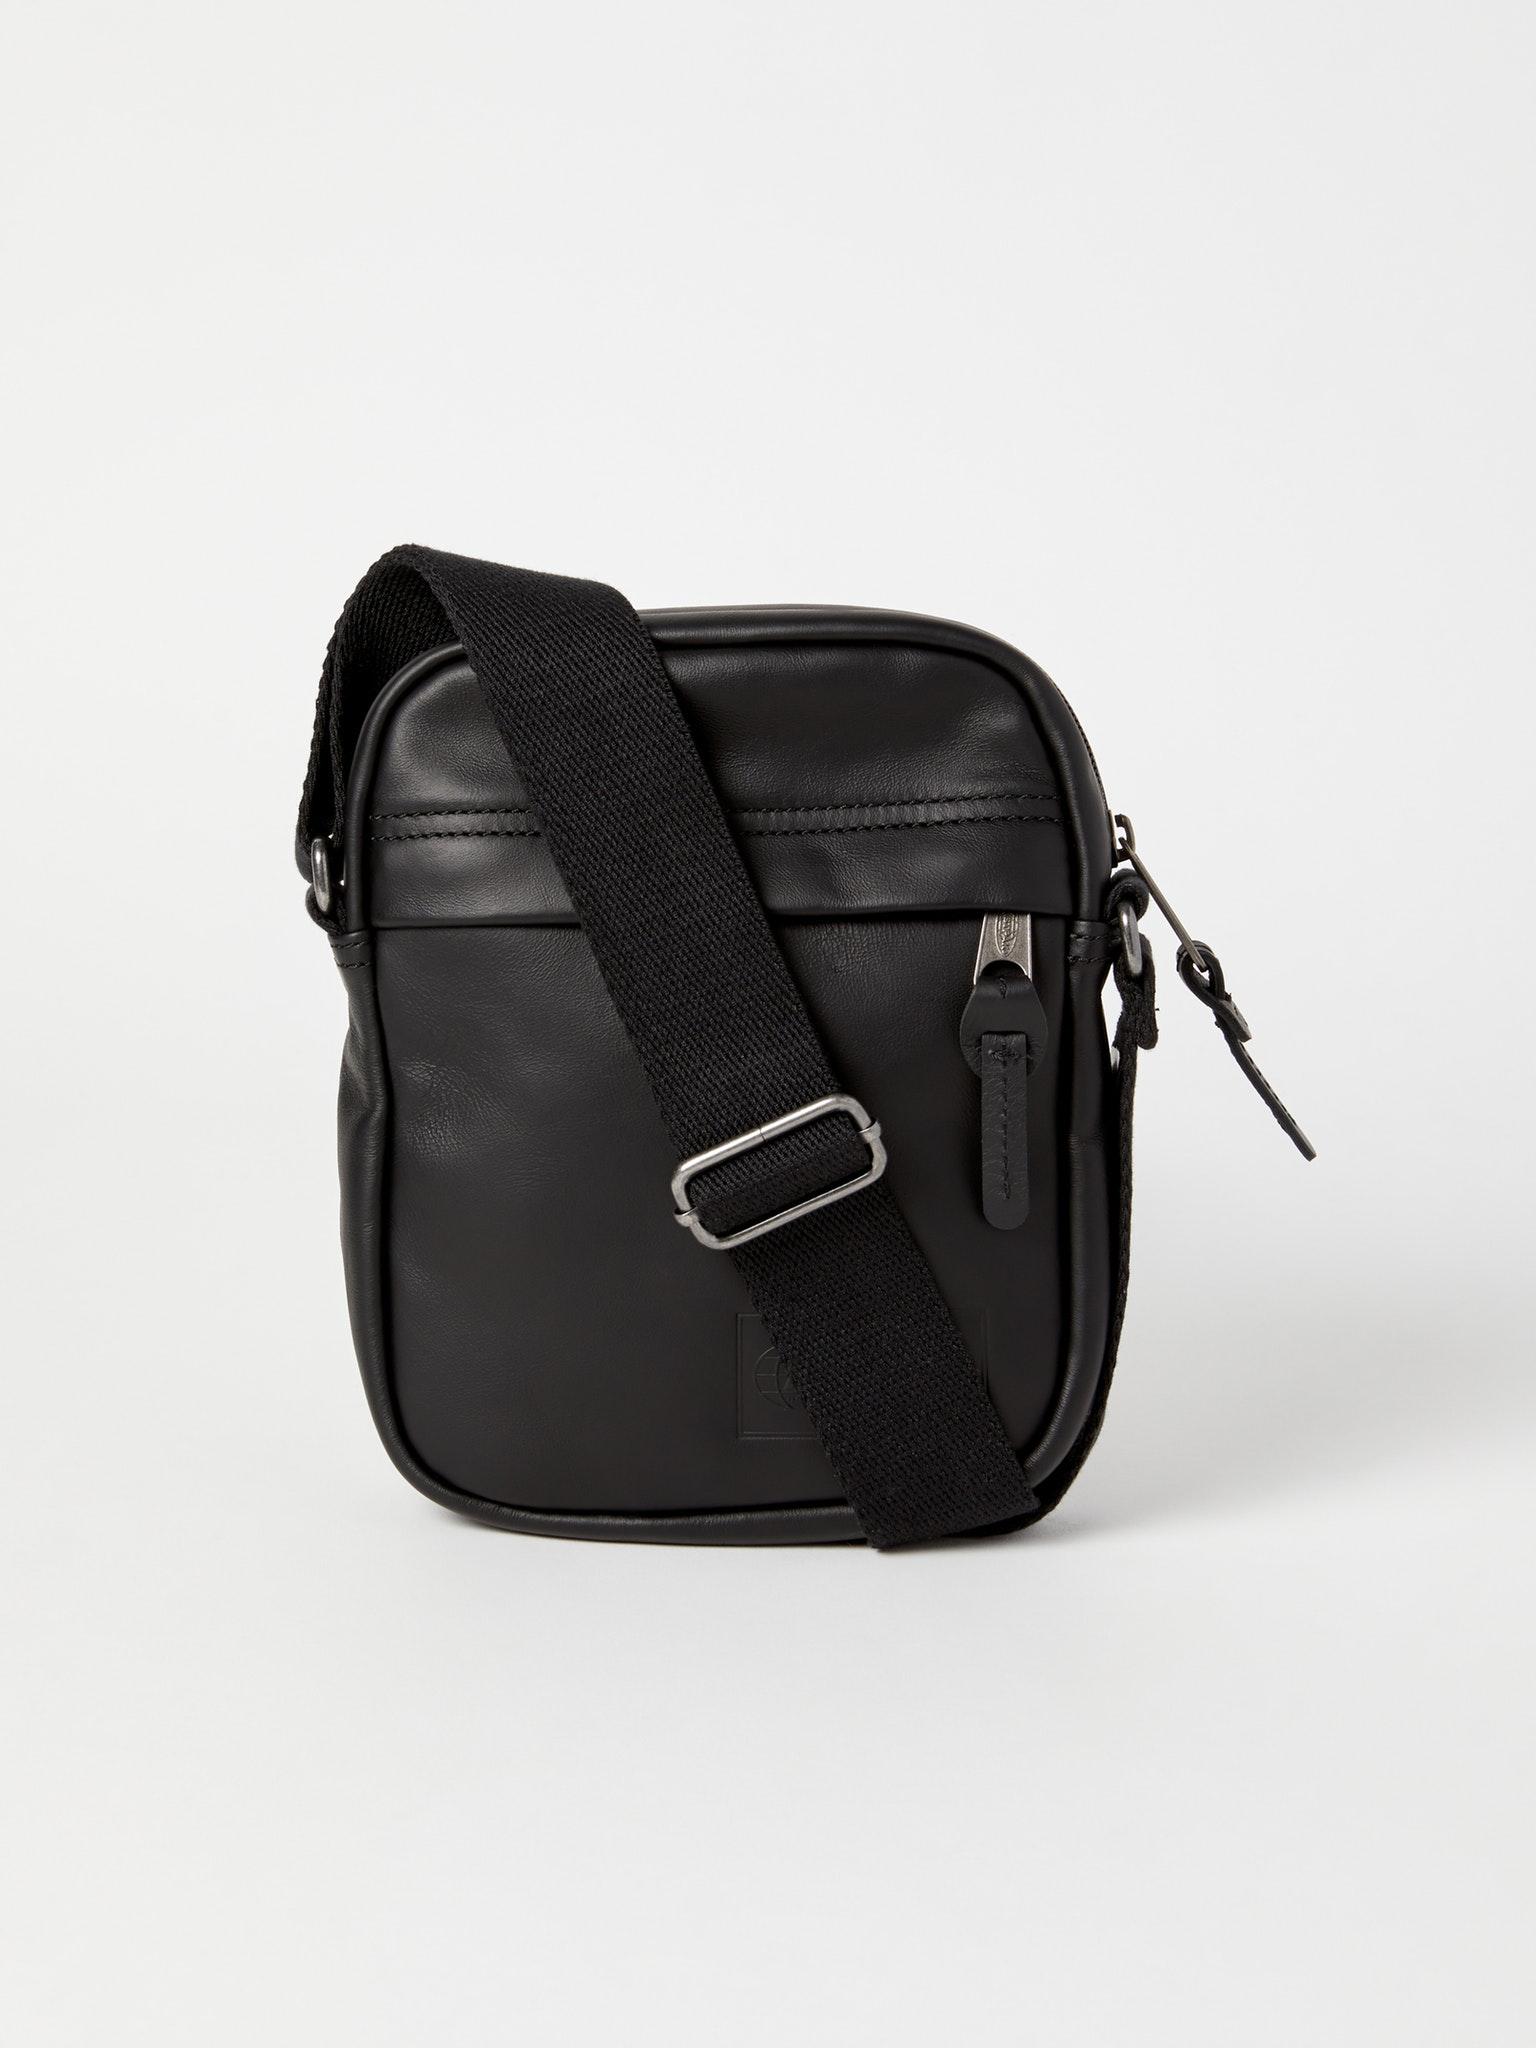 Eastpak The One Mini Bag